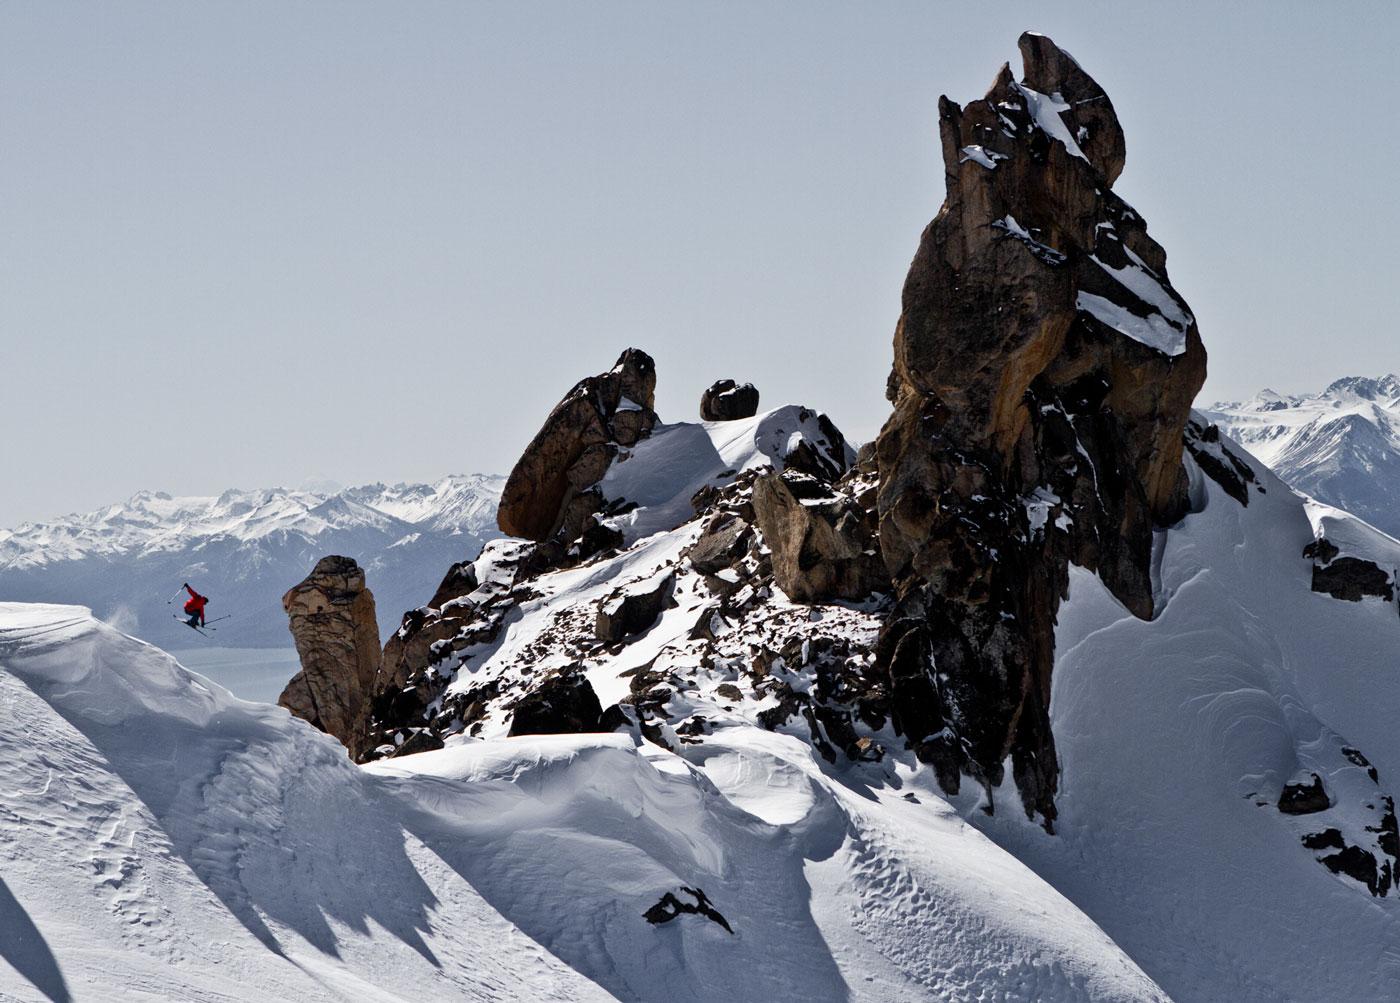 Patagonic Landscape - Niki Salencon